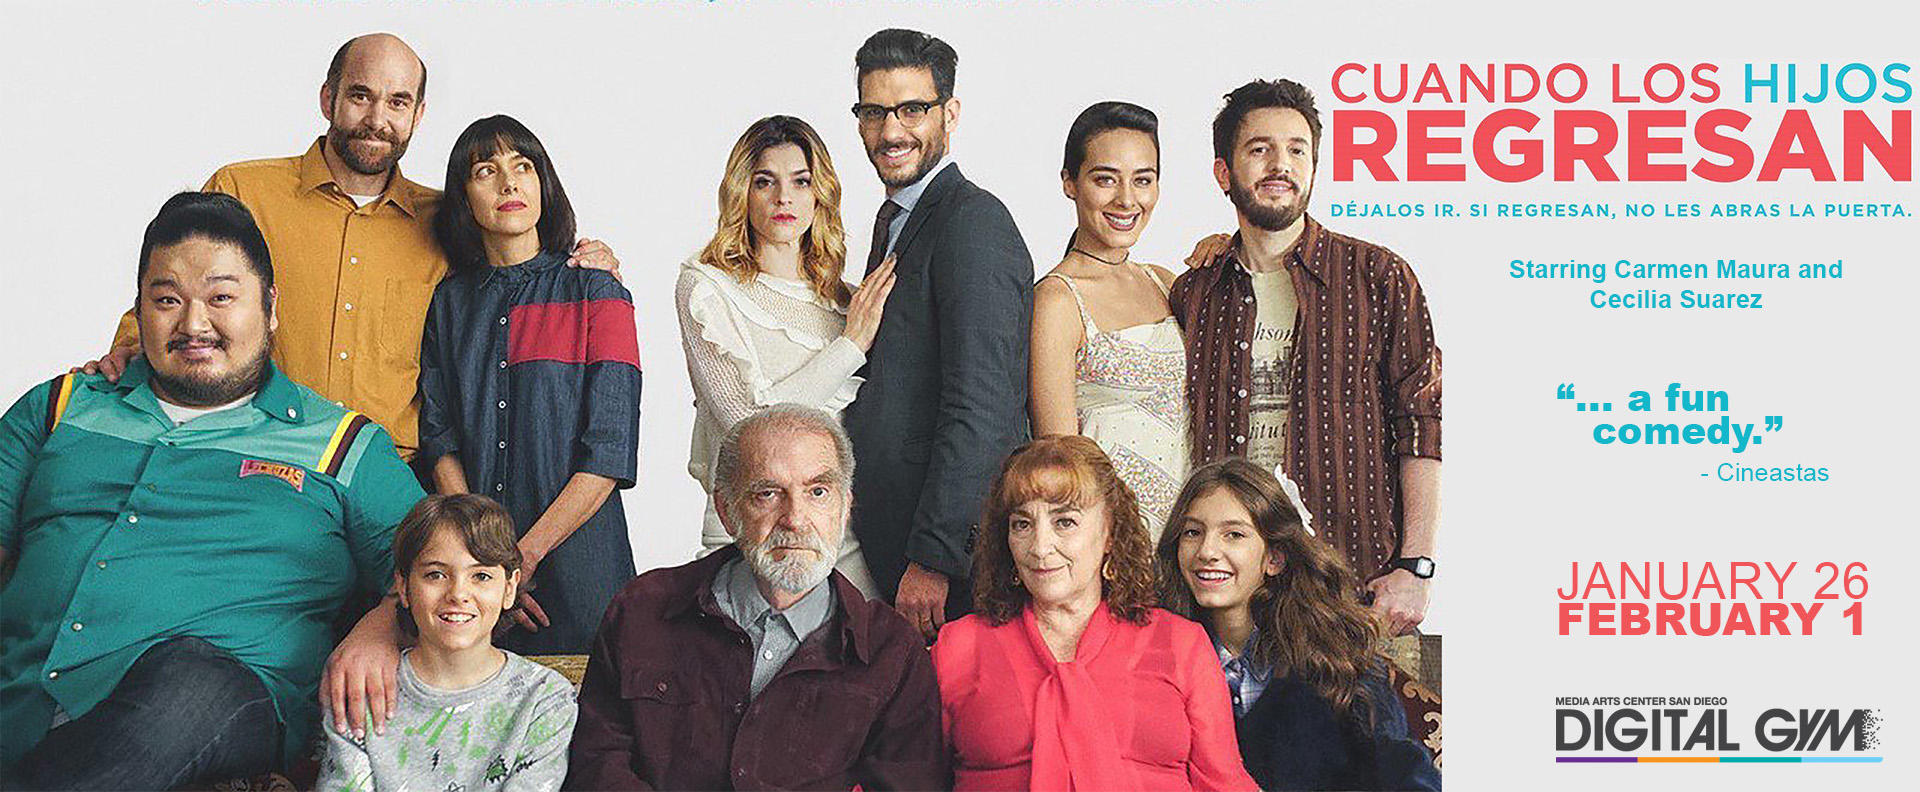 Mexico's Cuando Los Hijos Regresan Premieres in San Diego (Jan 26 – Feb 1)